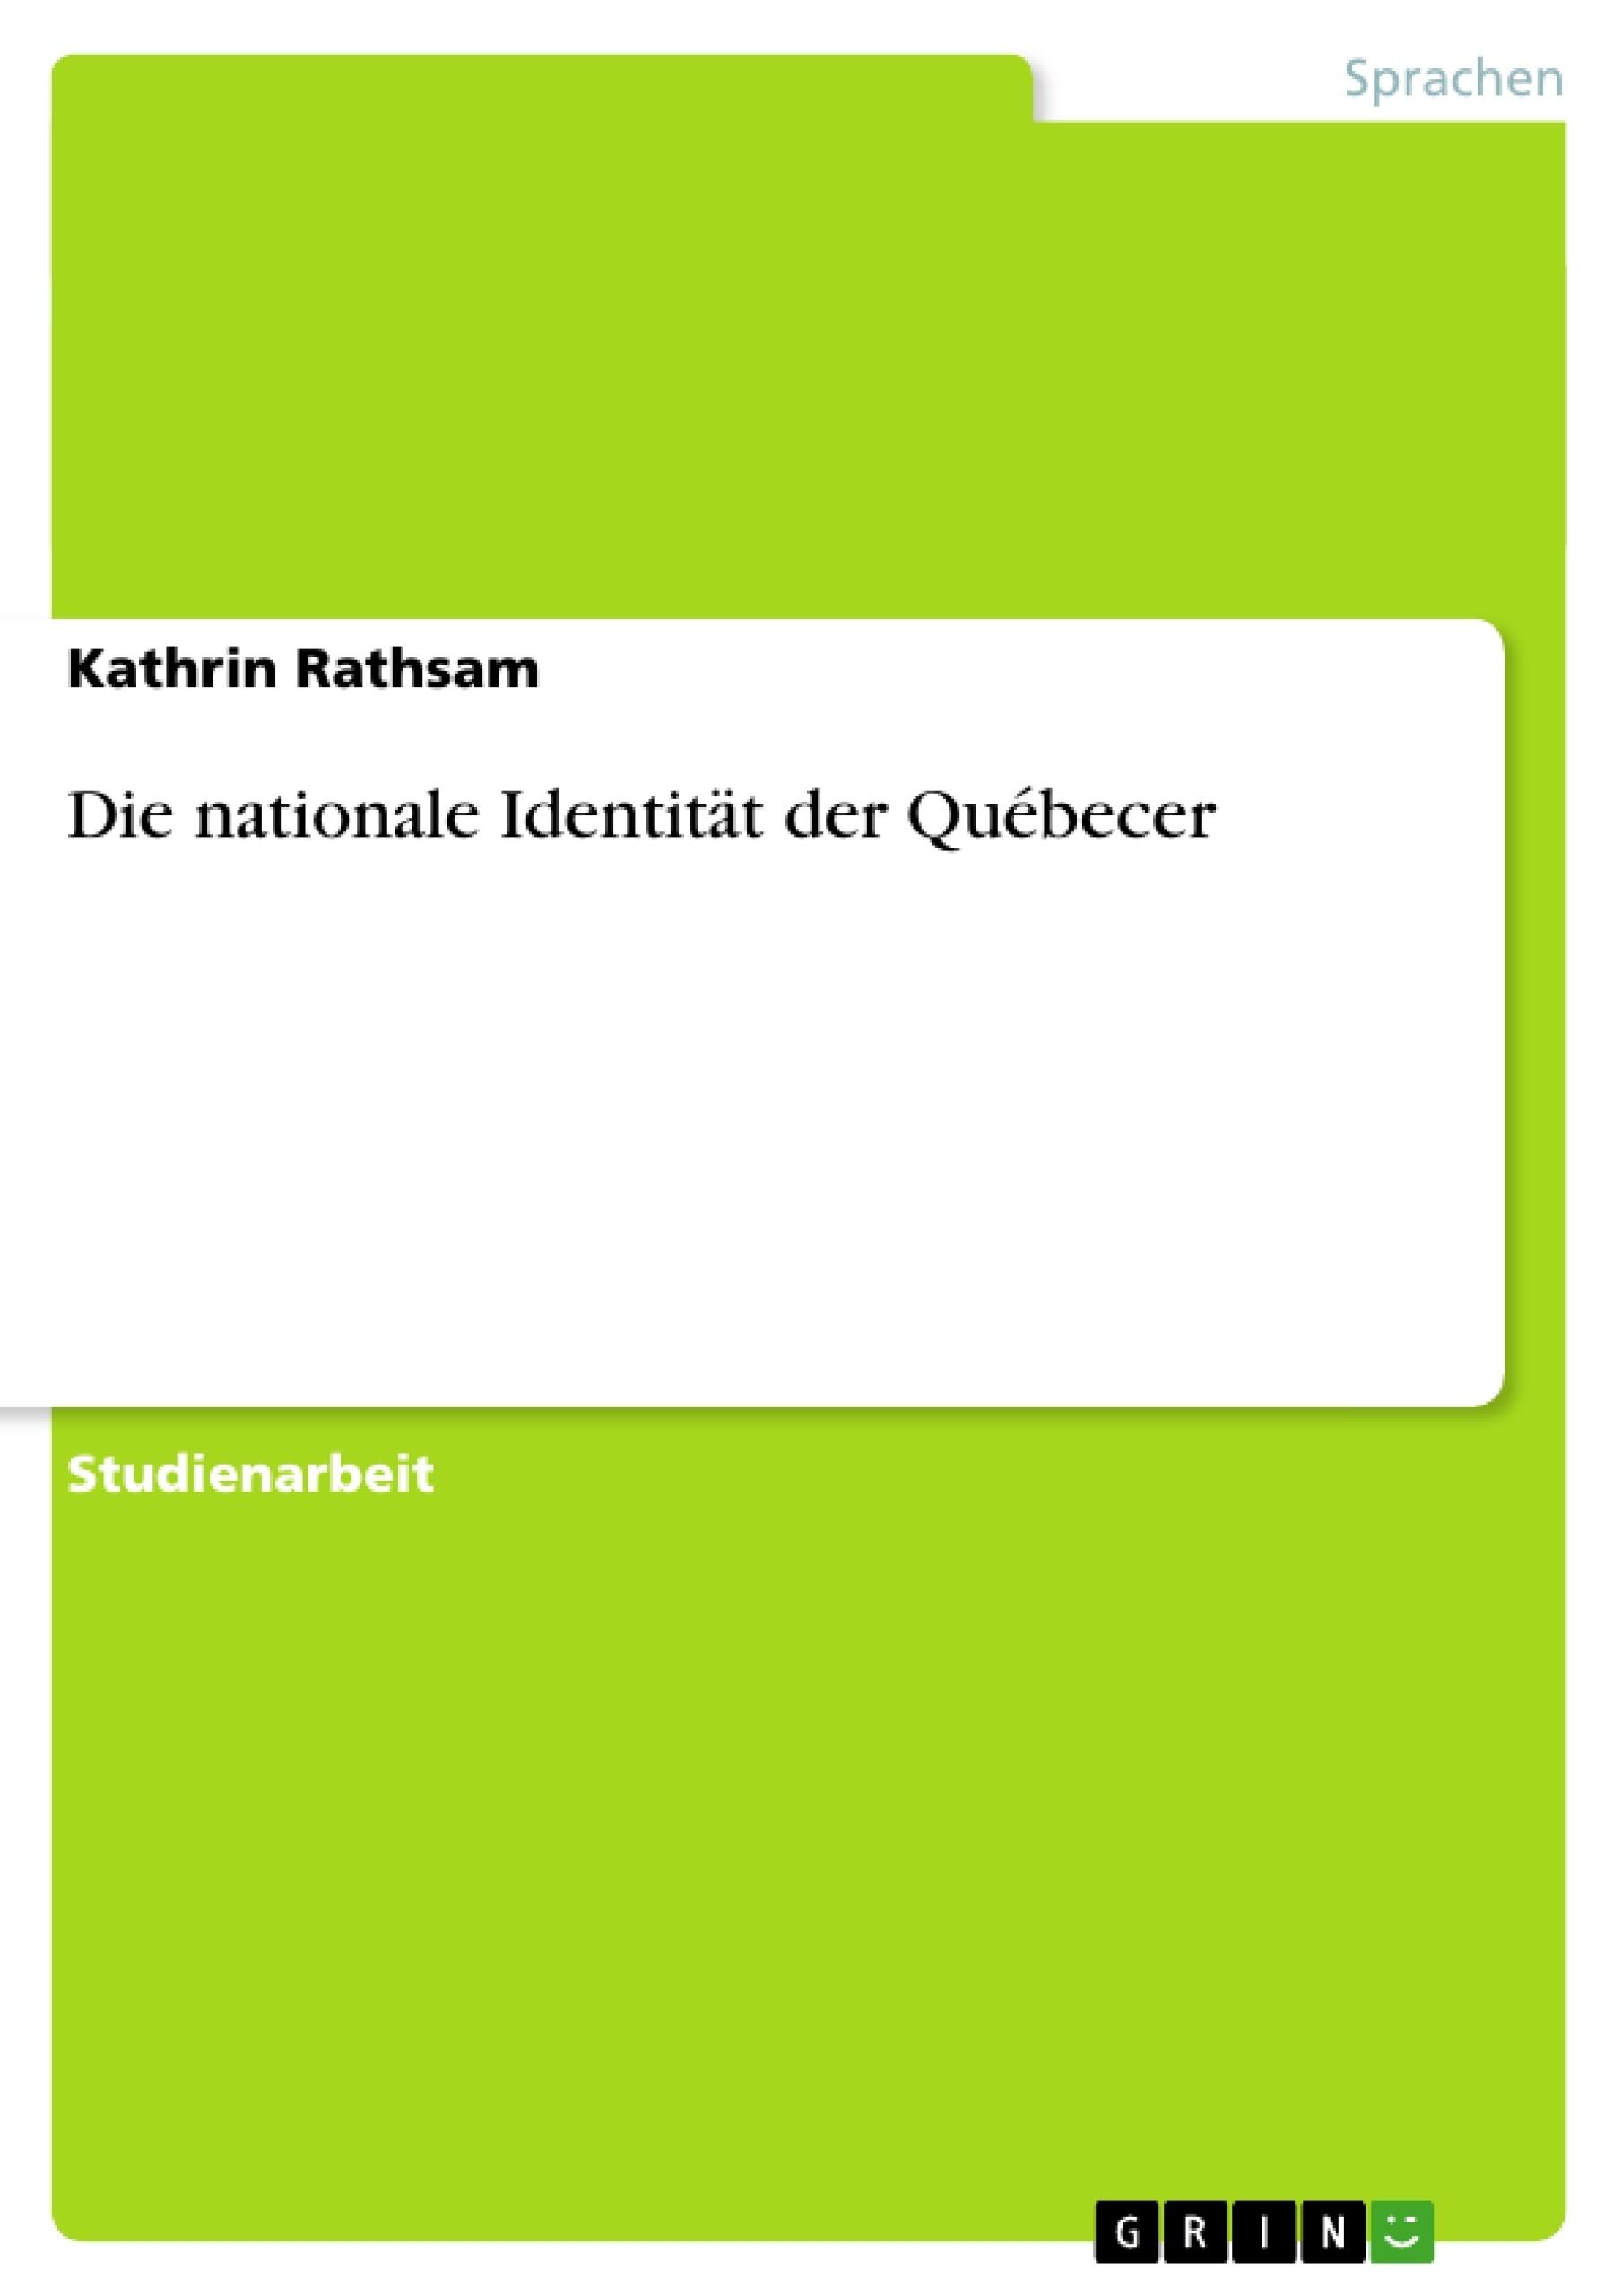 Titel: Die nationale Identität der Québecer